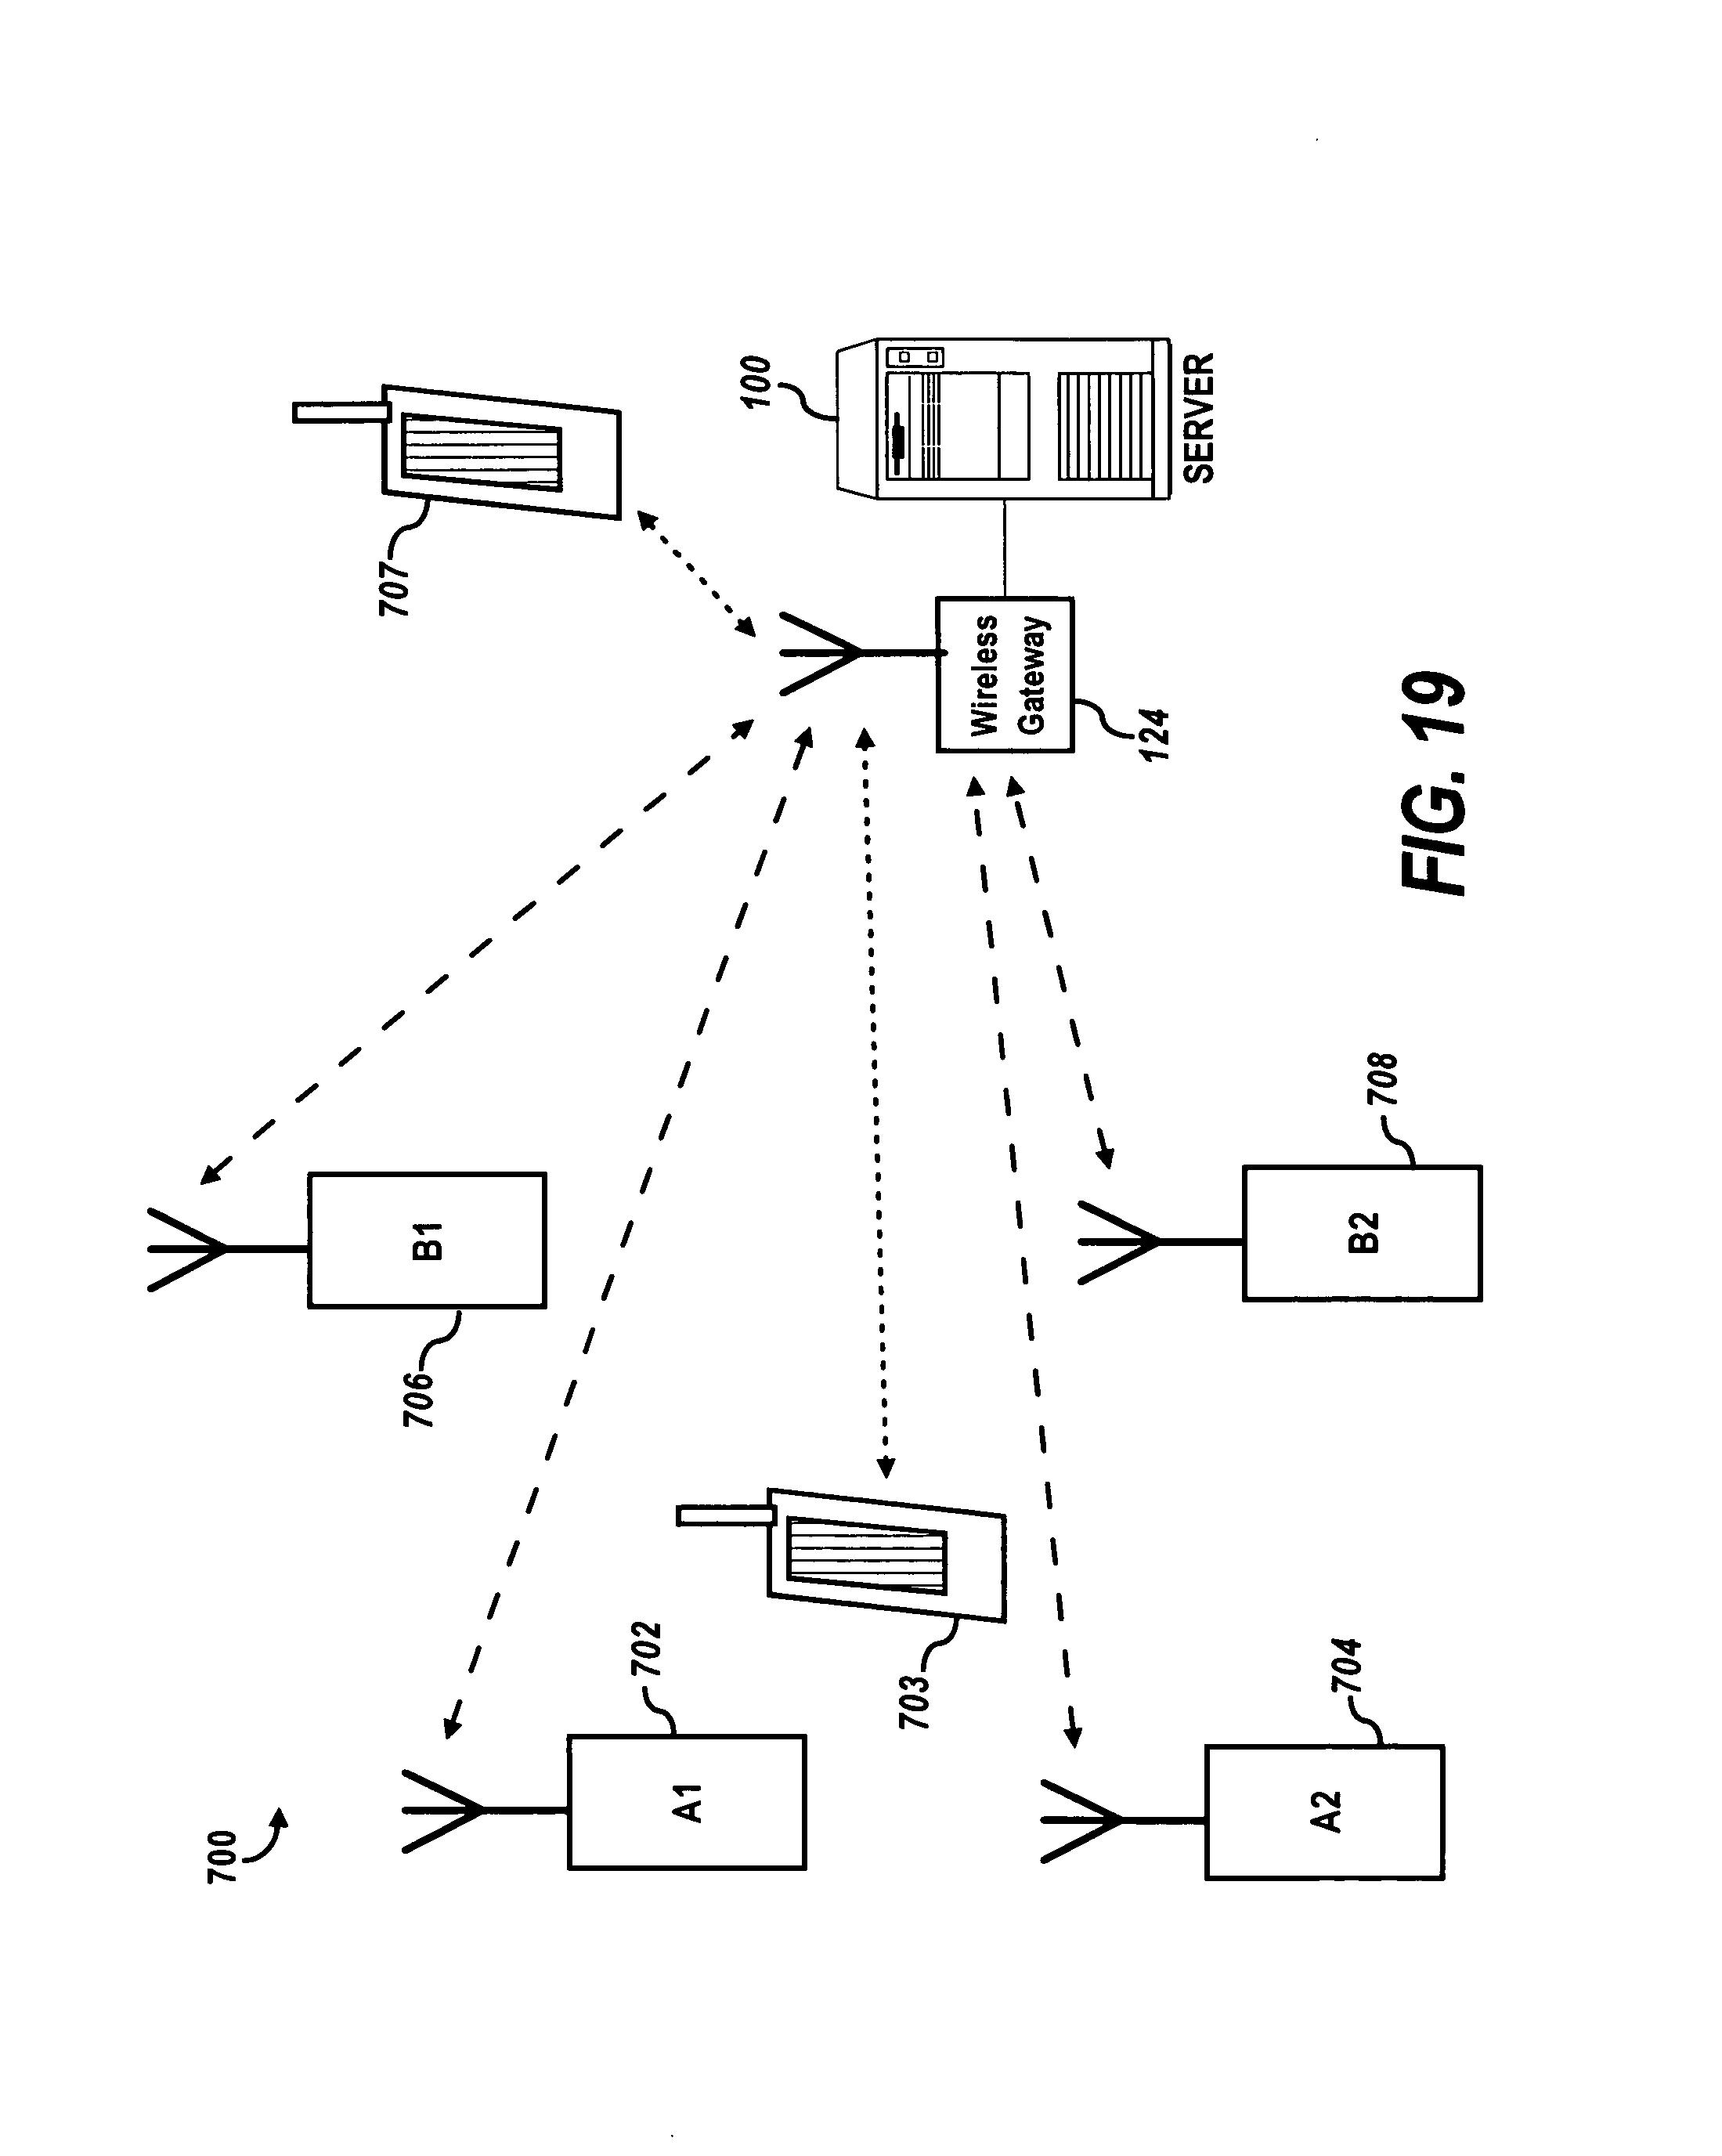 BSA A65 Wiring Diagram besides Q See Camera Video Wiring Diagram moreover Q See Camera Wiring Diagram besides Poe Camera Wiring Diagram together with 2004 CBR600RR Wiring Diagram. on q see wiring schematic